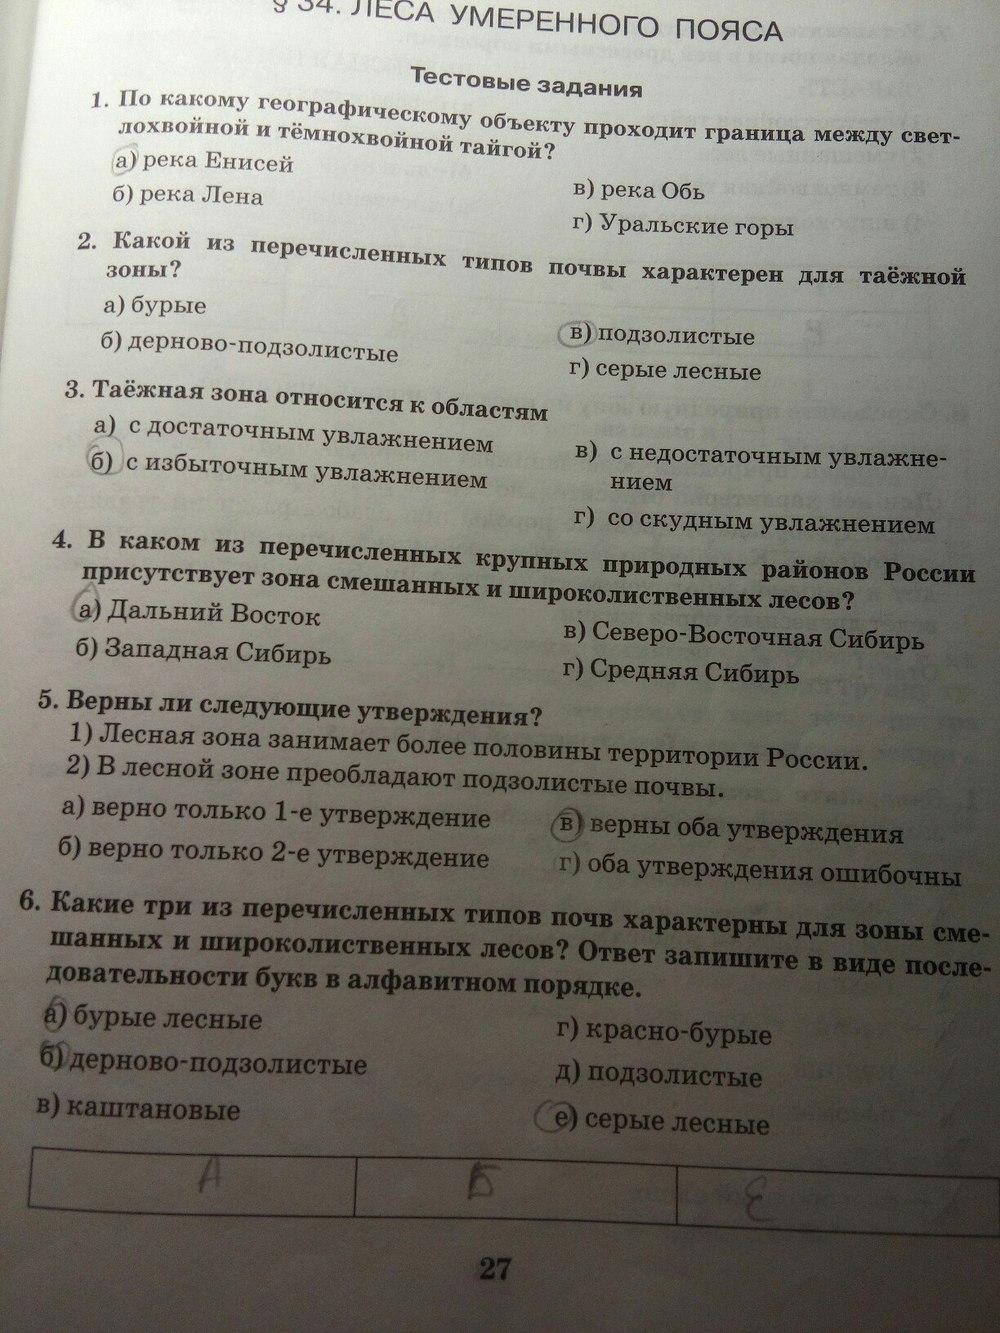 Павлоцкому 8 класс гдз по